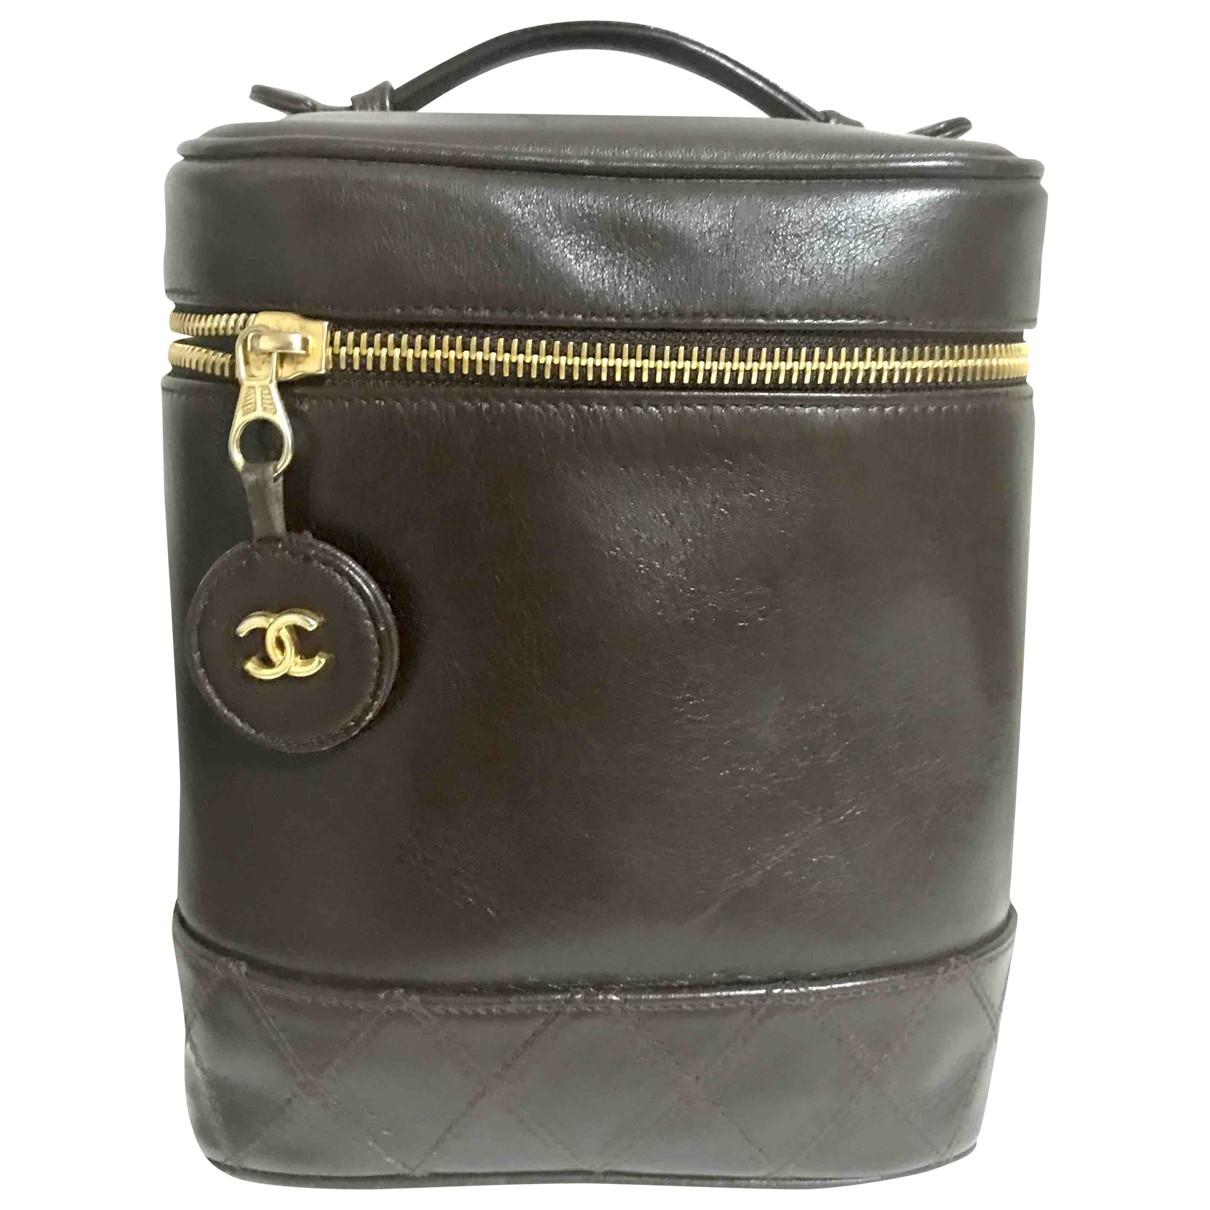 Chanel - Sac de voyage   pour femme en cuir - marron